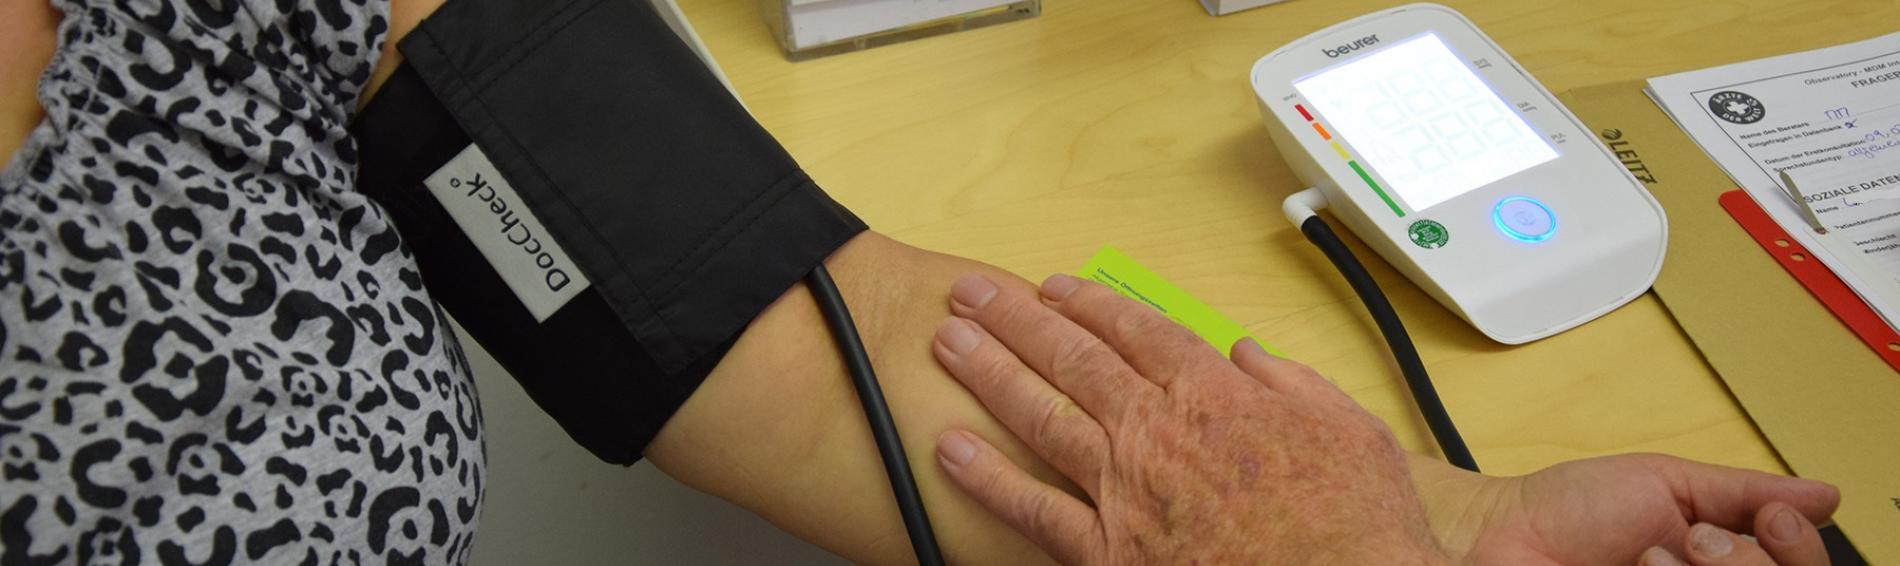 Ein Arzt misst den Blutdruck einer Patientin. Foto: Ärzte der Welt